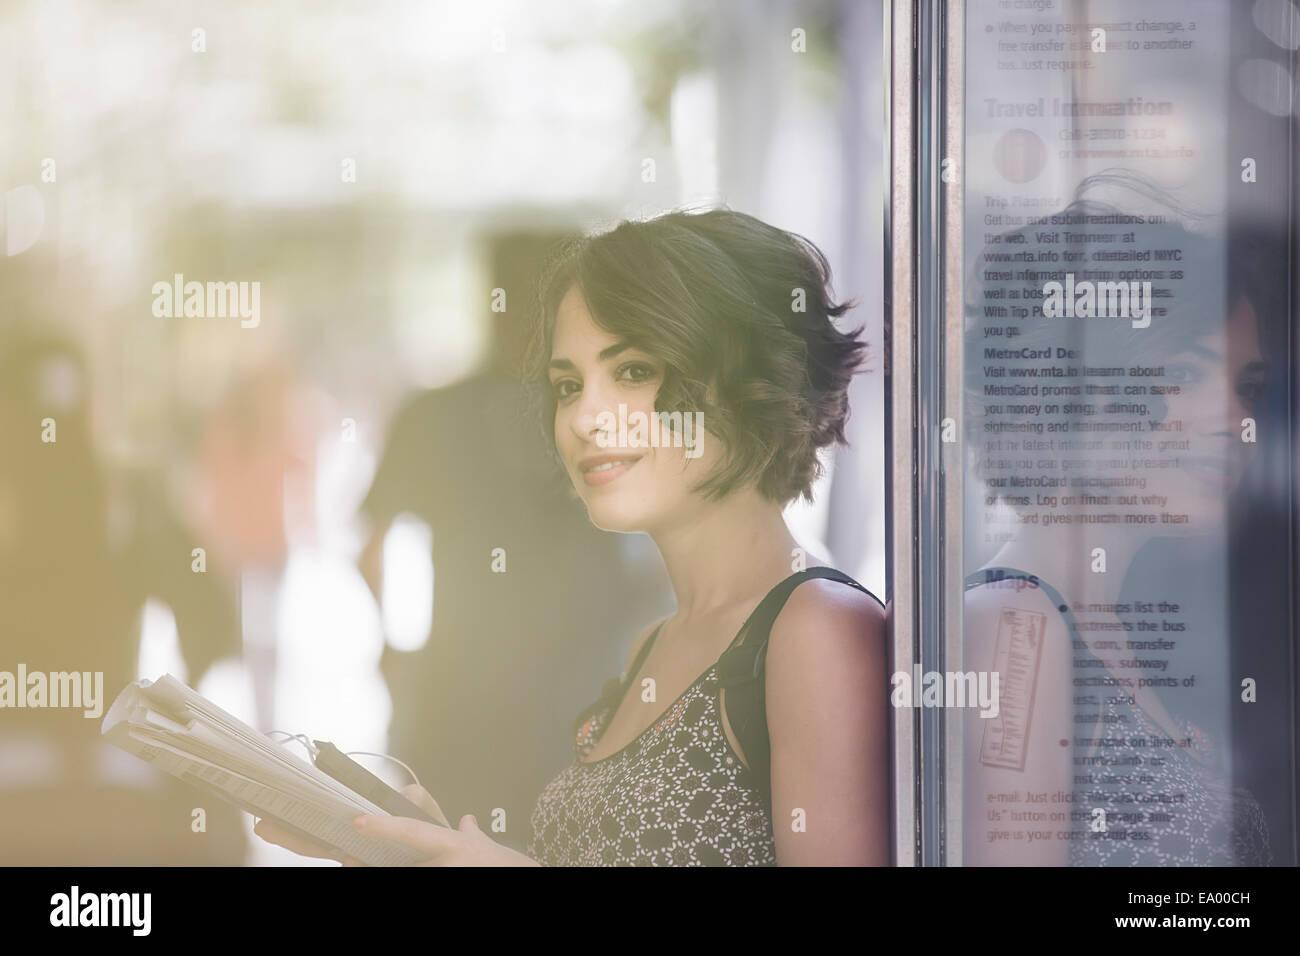 Junge Frau an Bushaltestelle Zeitung lesen und warten auf Bus, New York, USA Stockbild